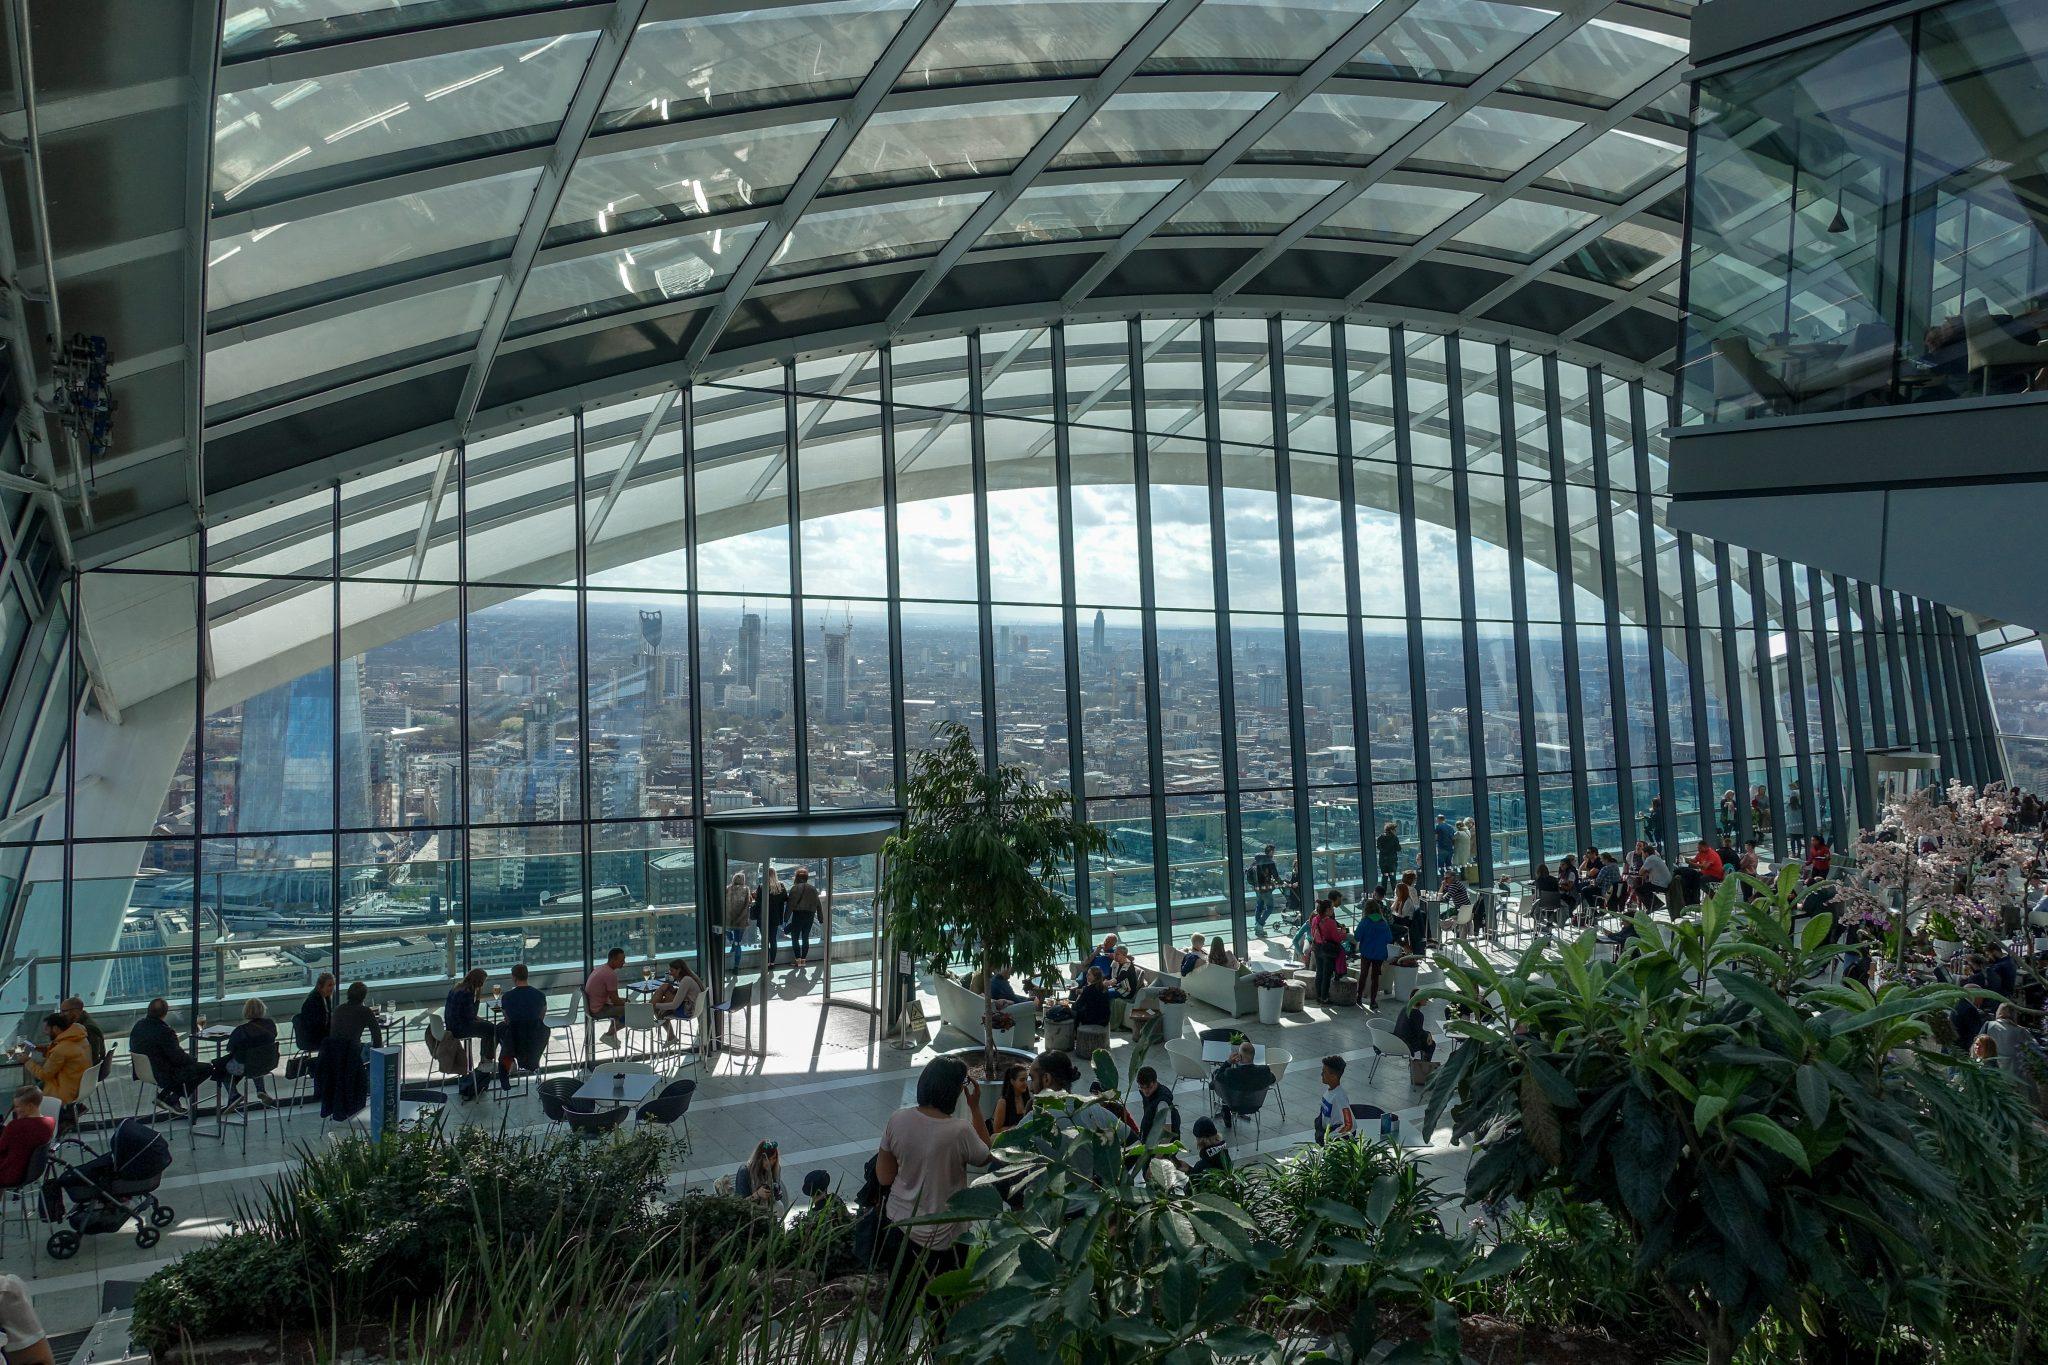 Wie-du-die-schönste-aussicht-londons-kostenlos-bekommst-sky-garden